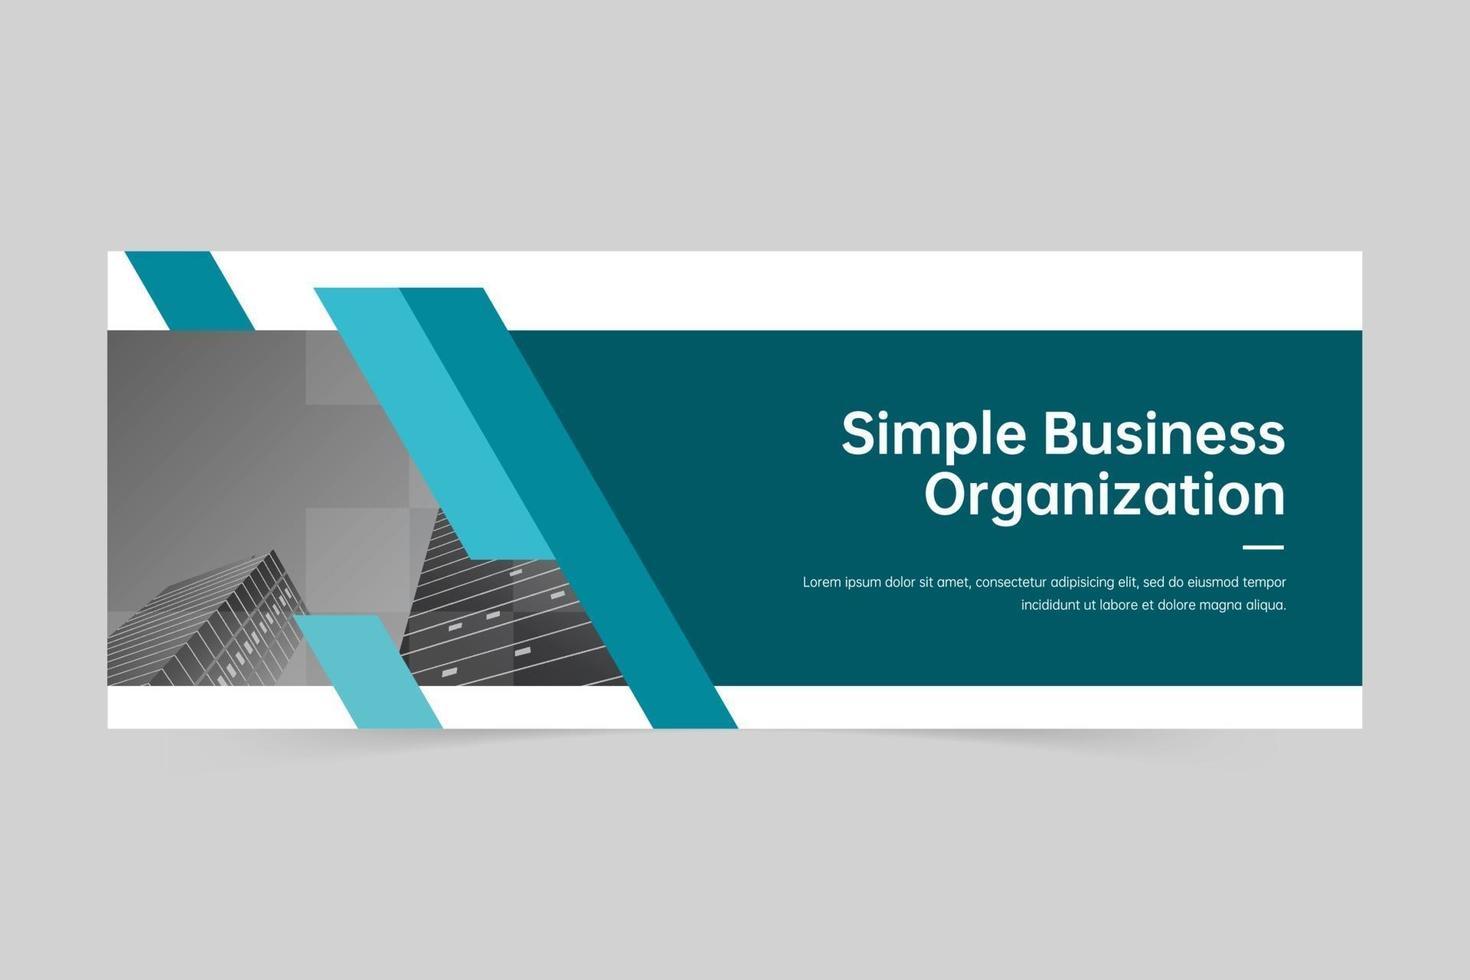 professionelle digitale Marketingagentur Banner Vorlage vektor